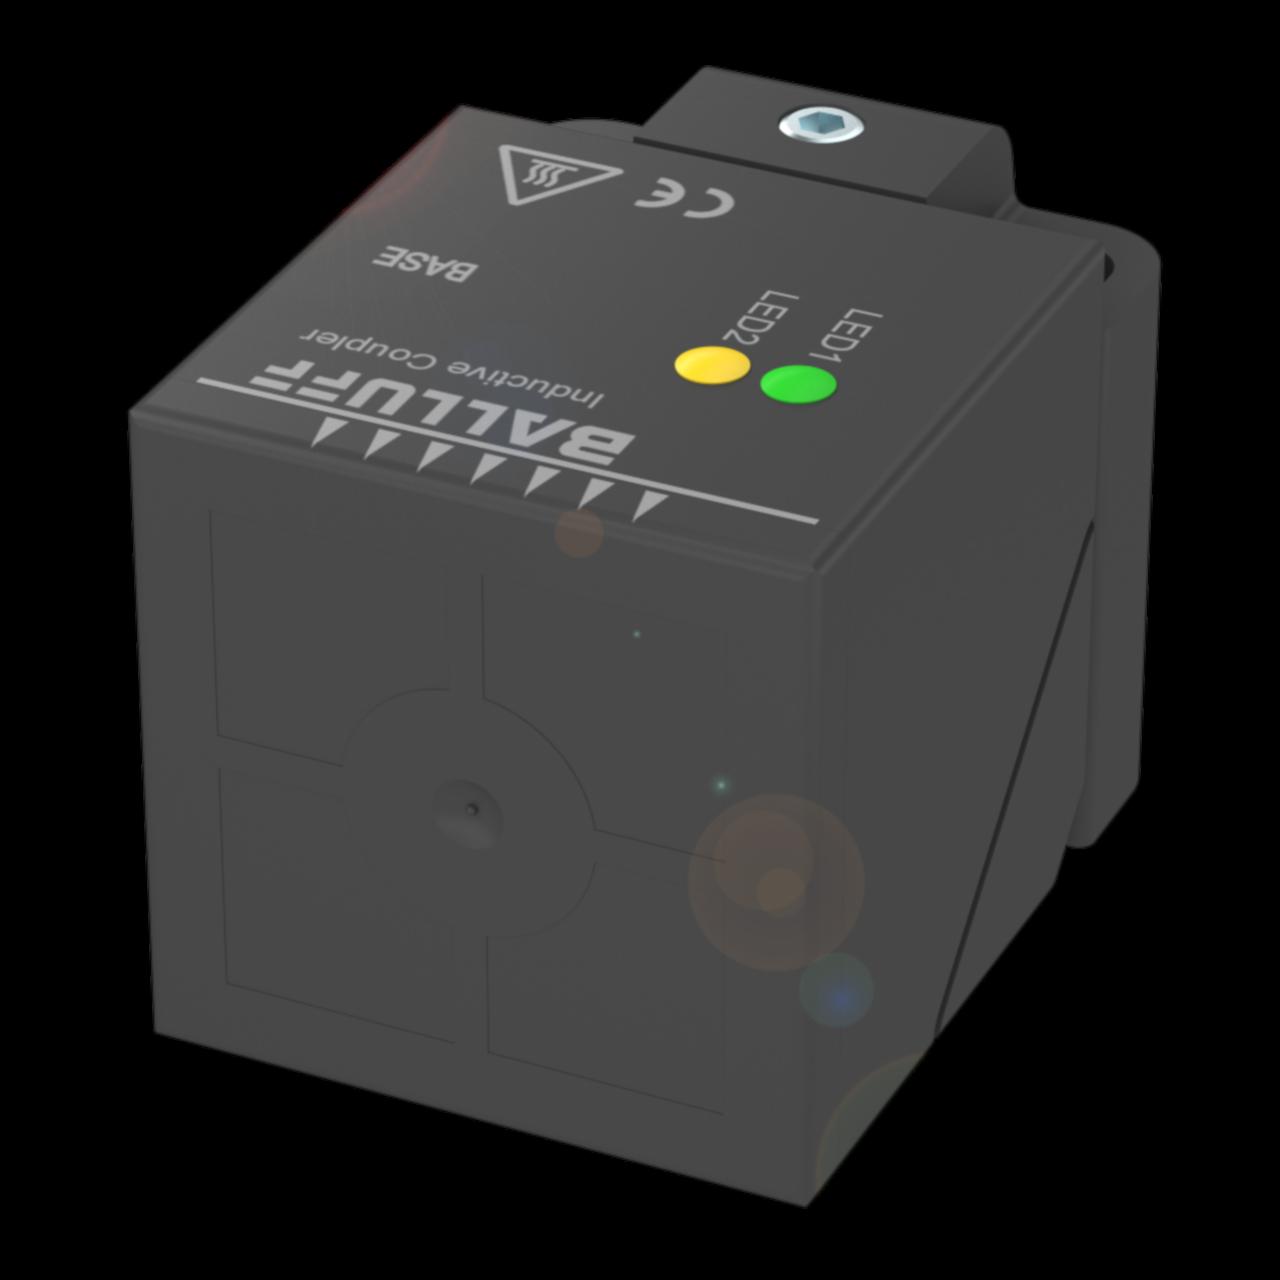 BIC 1B0-IT1A7-Q40KFU-SM4A4A